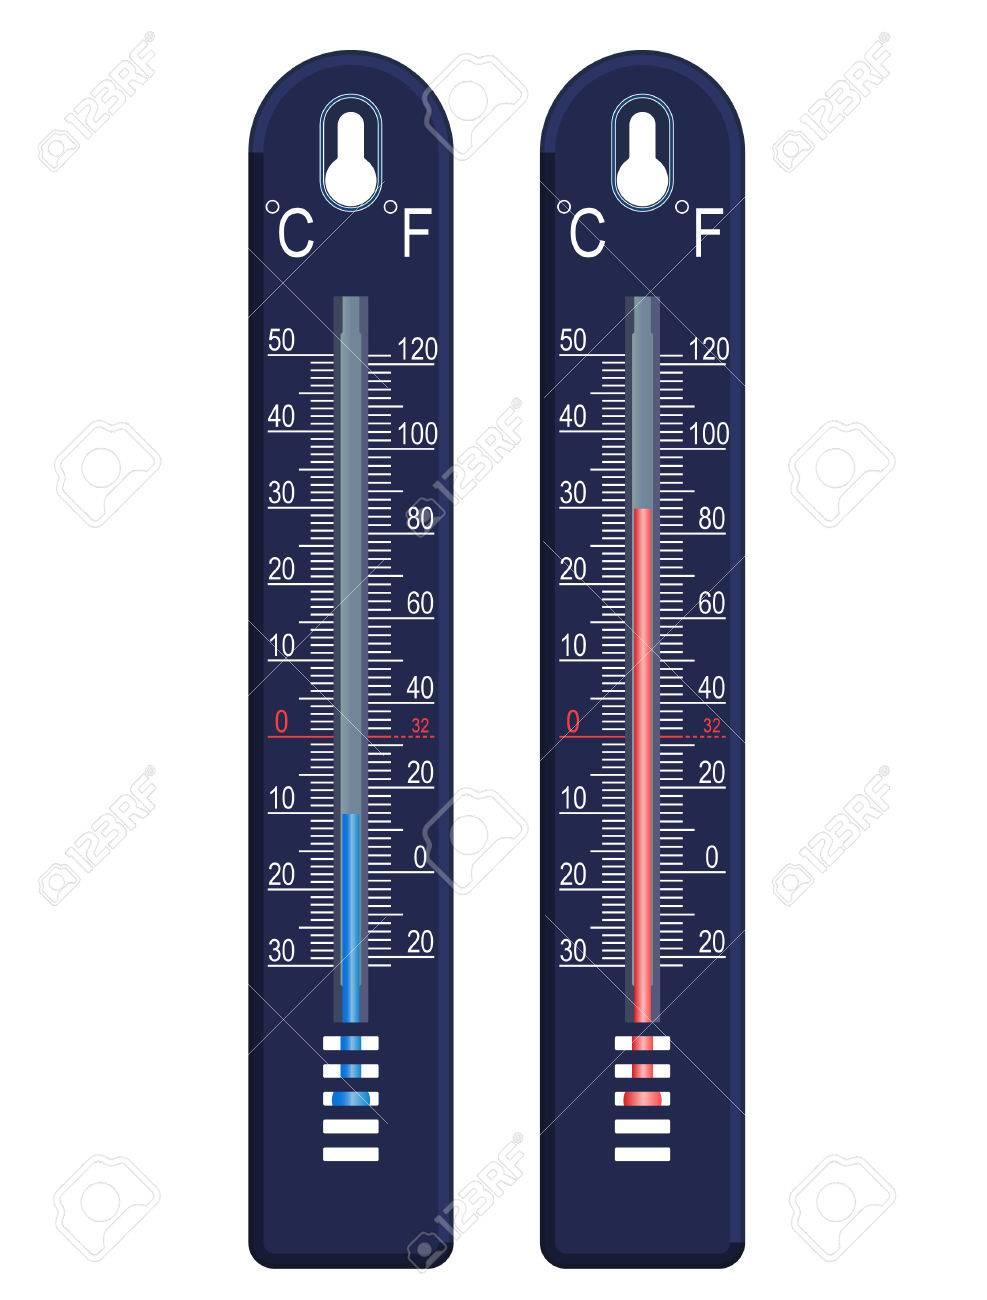 Frio Y Caliente Termometro Dos Variantes La Temperatura Es Bajo Cero La Temperatura Esta Por Encima De Cero Ilustracion Vectorial Simplemente Puede Cambiar El Color Y Tamano Ilustraciones Vectoriales Clip Termómetro frío, menos temperatura en invierno frío puede ser utilizada para propósitos personales y comerciales, de acuerdo con las condiciones de la licencia sin royalties. frio y caliente termometro dos variantes la temperatura es bajo cero la temperatura esta por encima de cero ilustracion vectorial simplemente